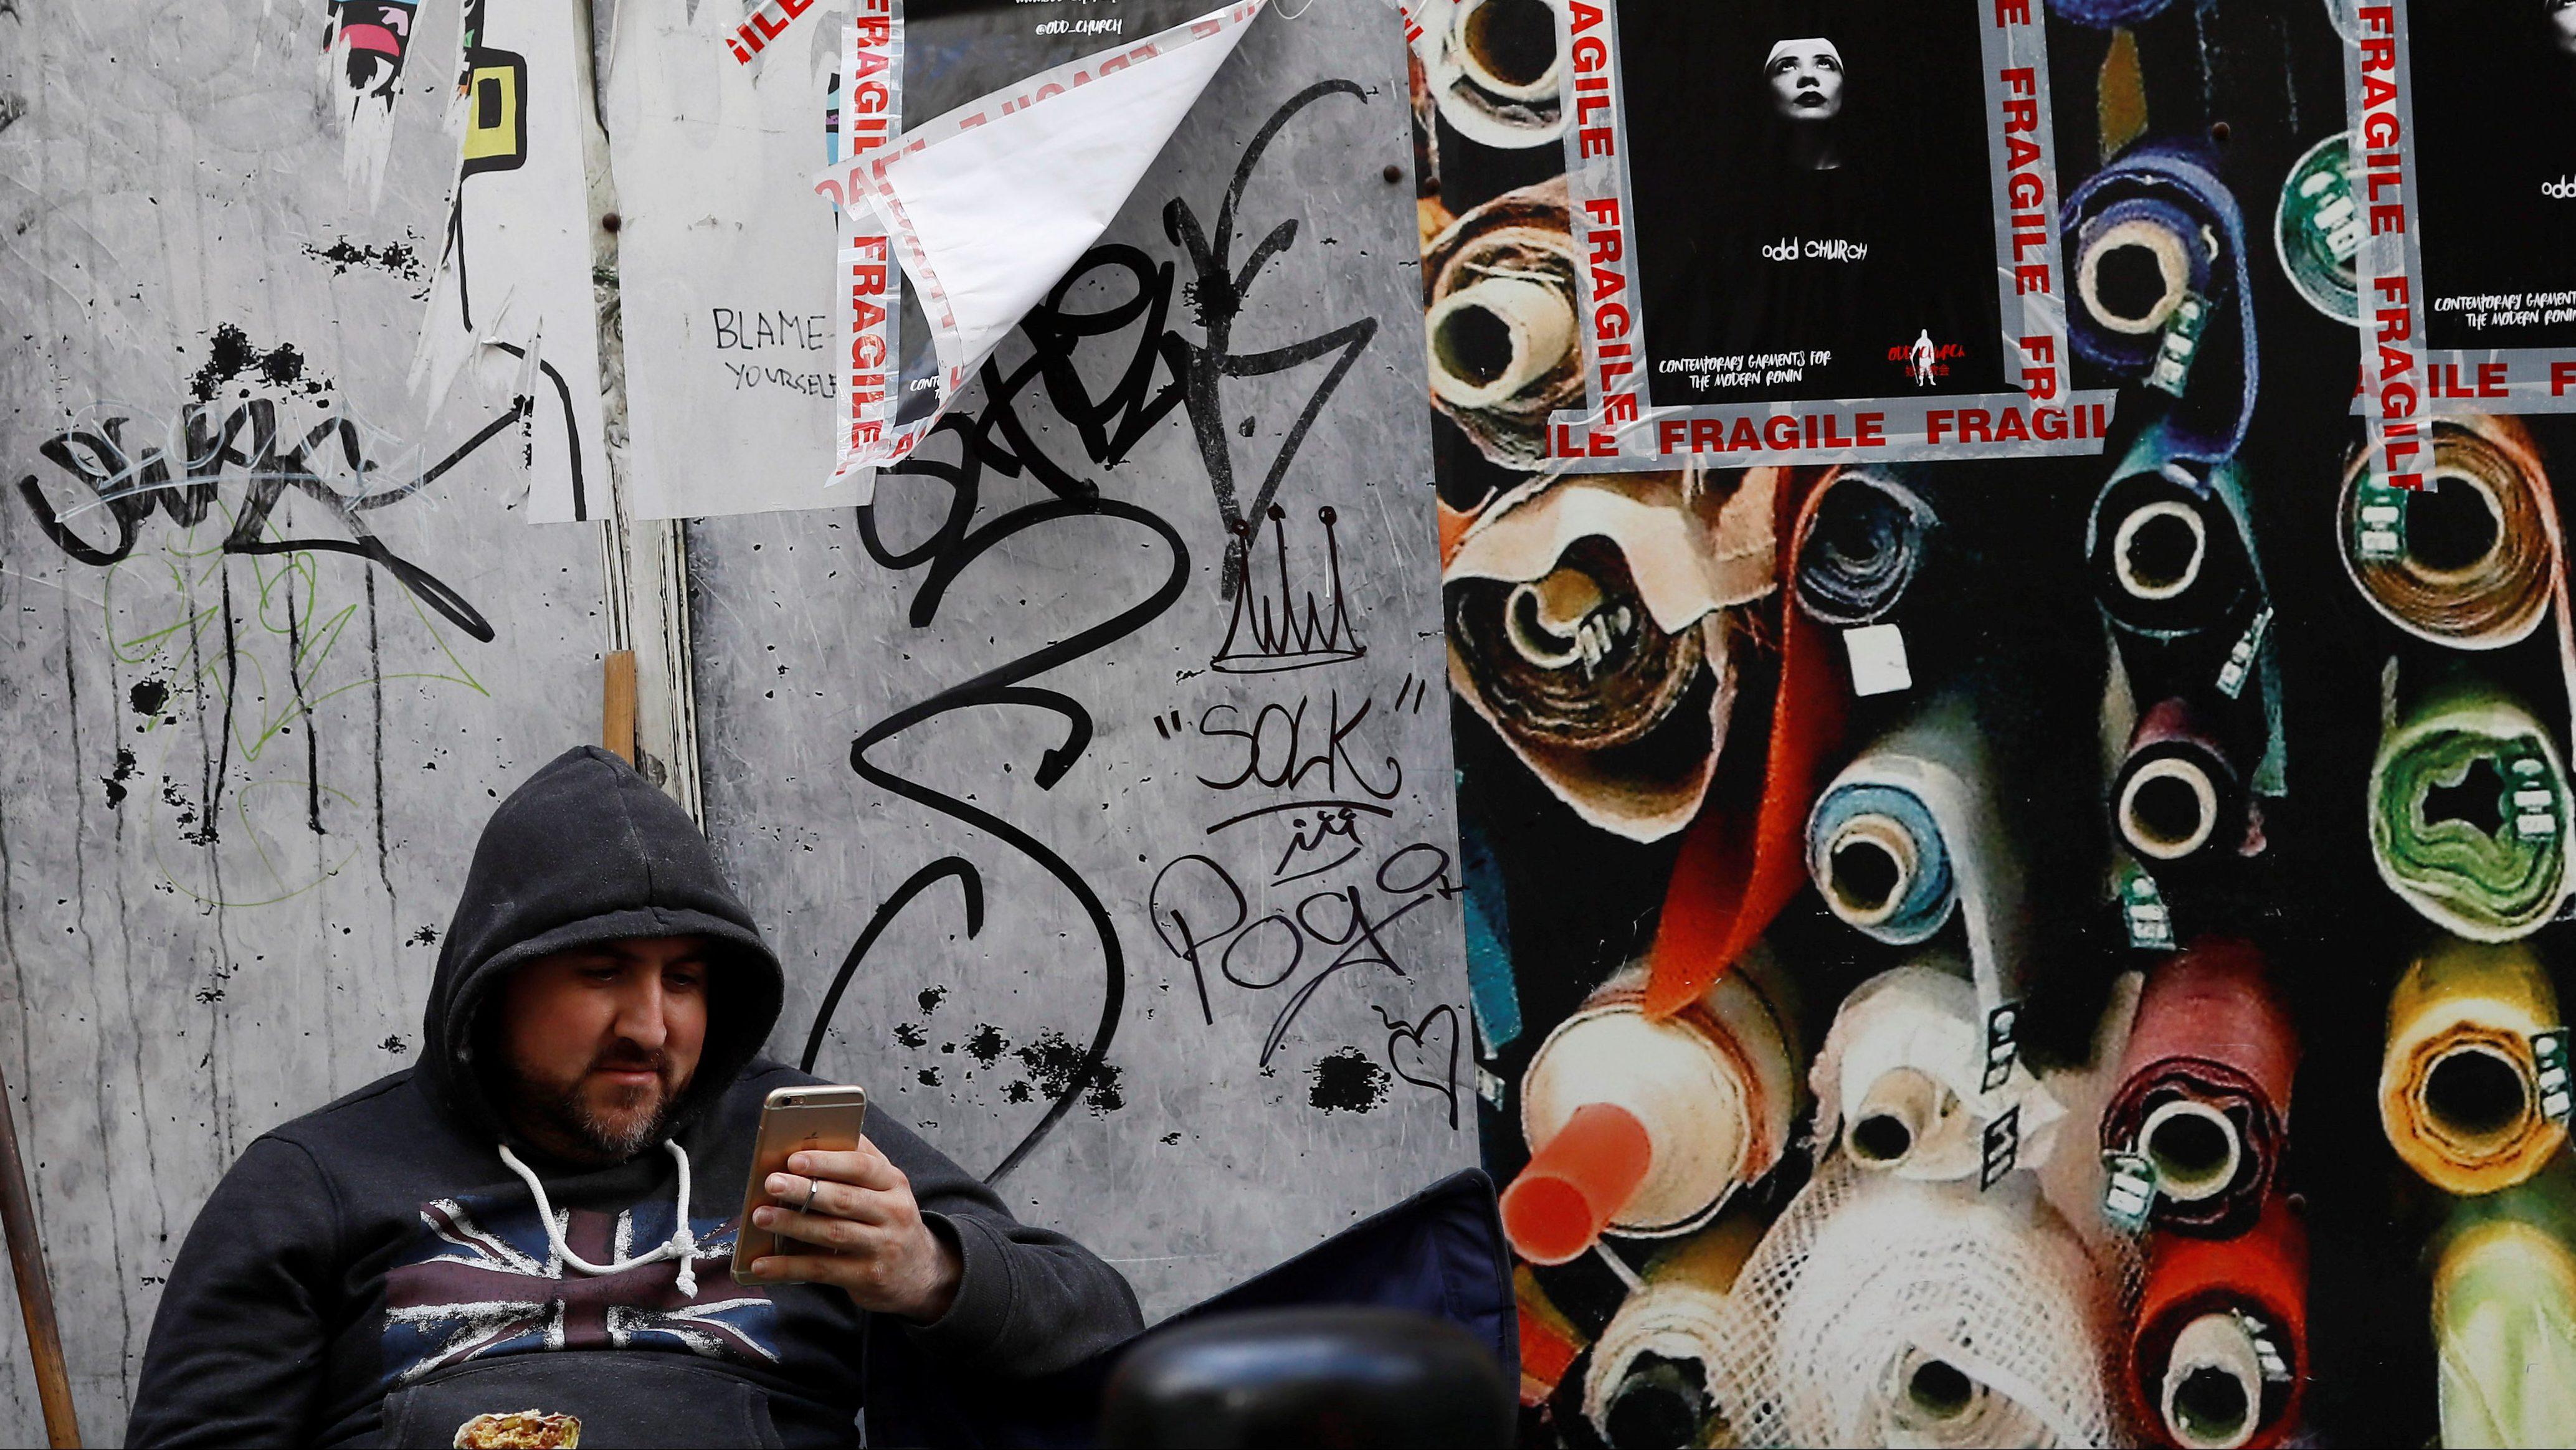 man looking at phone instagram poetry